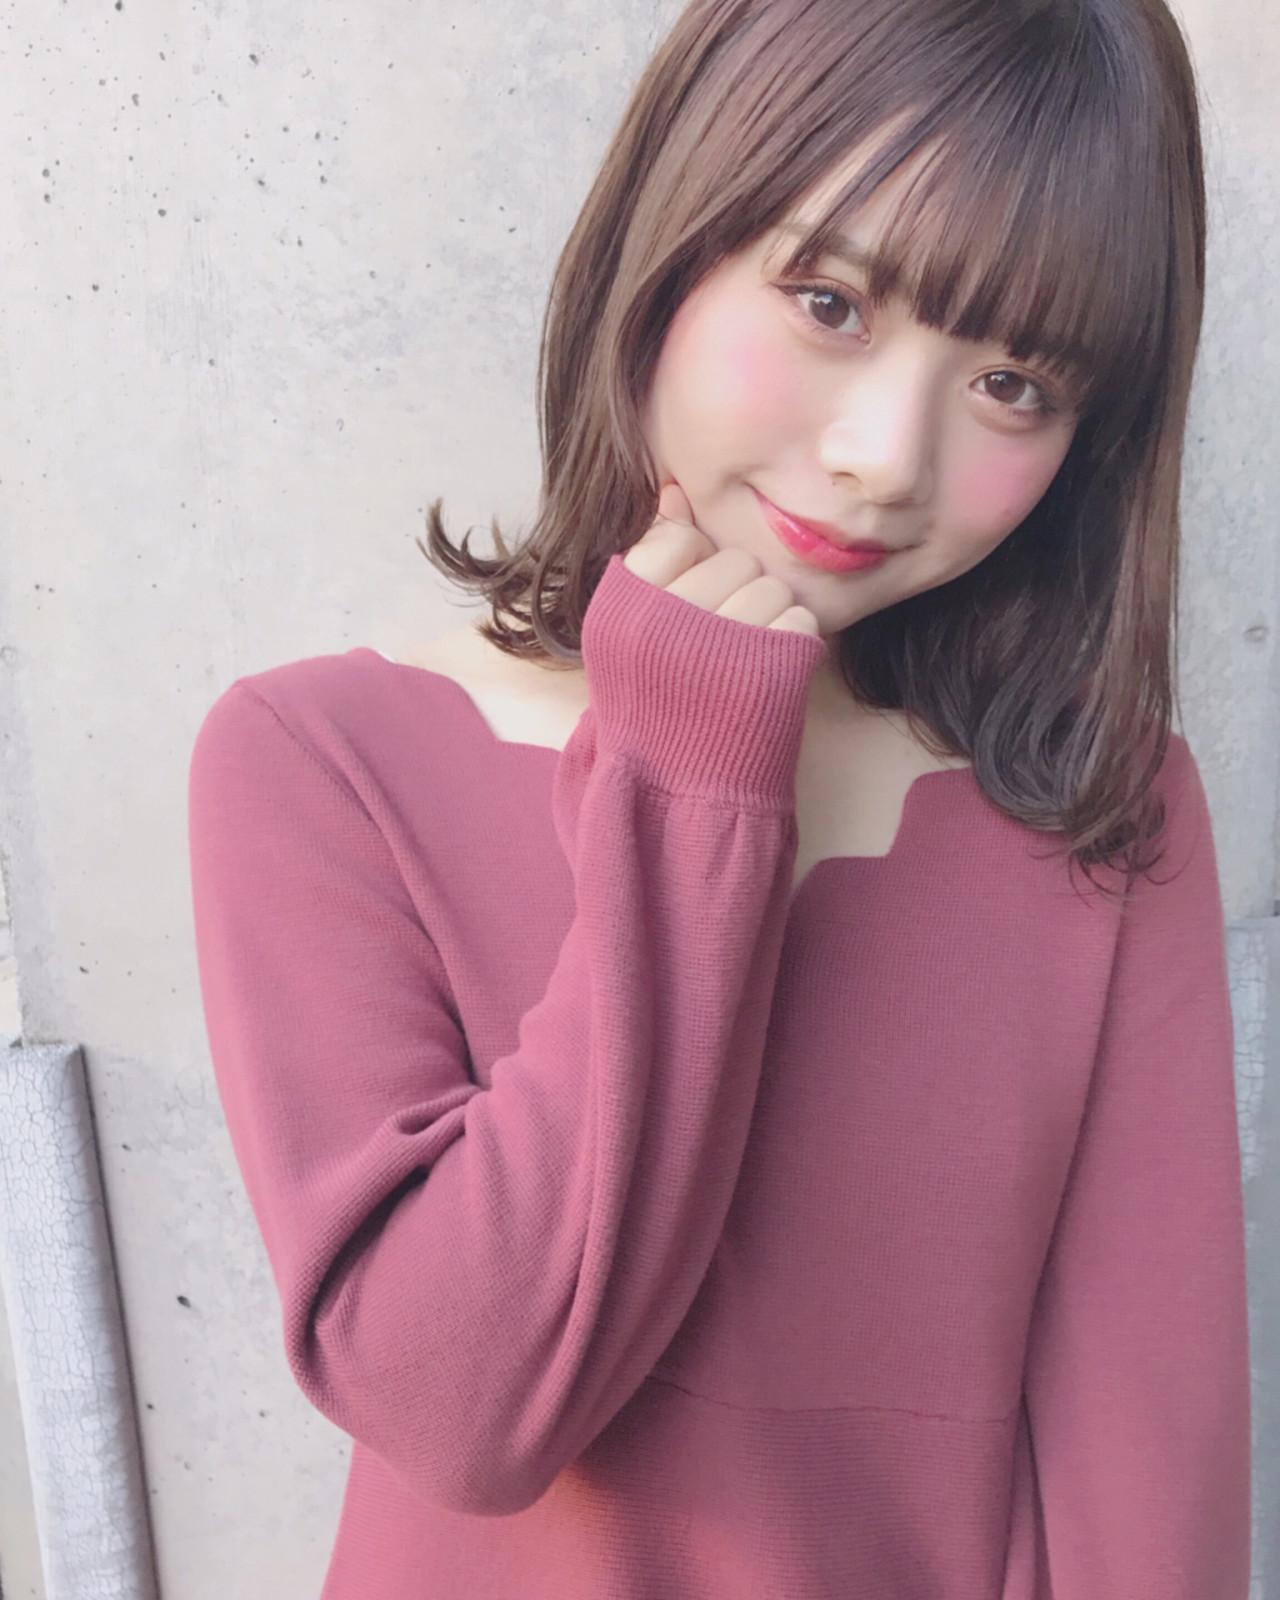 お嬢様風に♡シースルー×パッツンの男ウケ満点ヘア Wataru Maeda